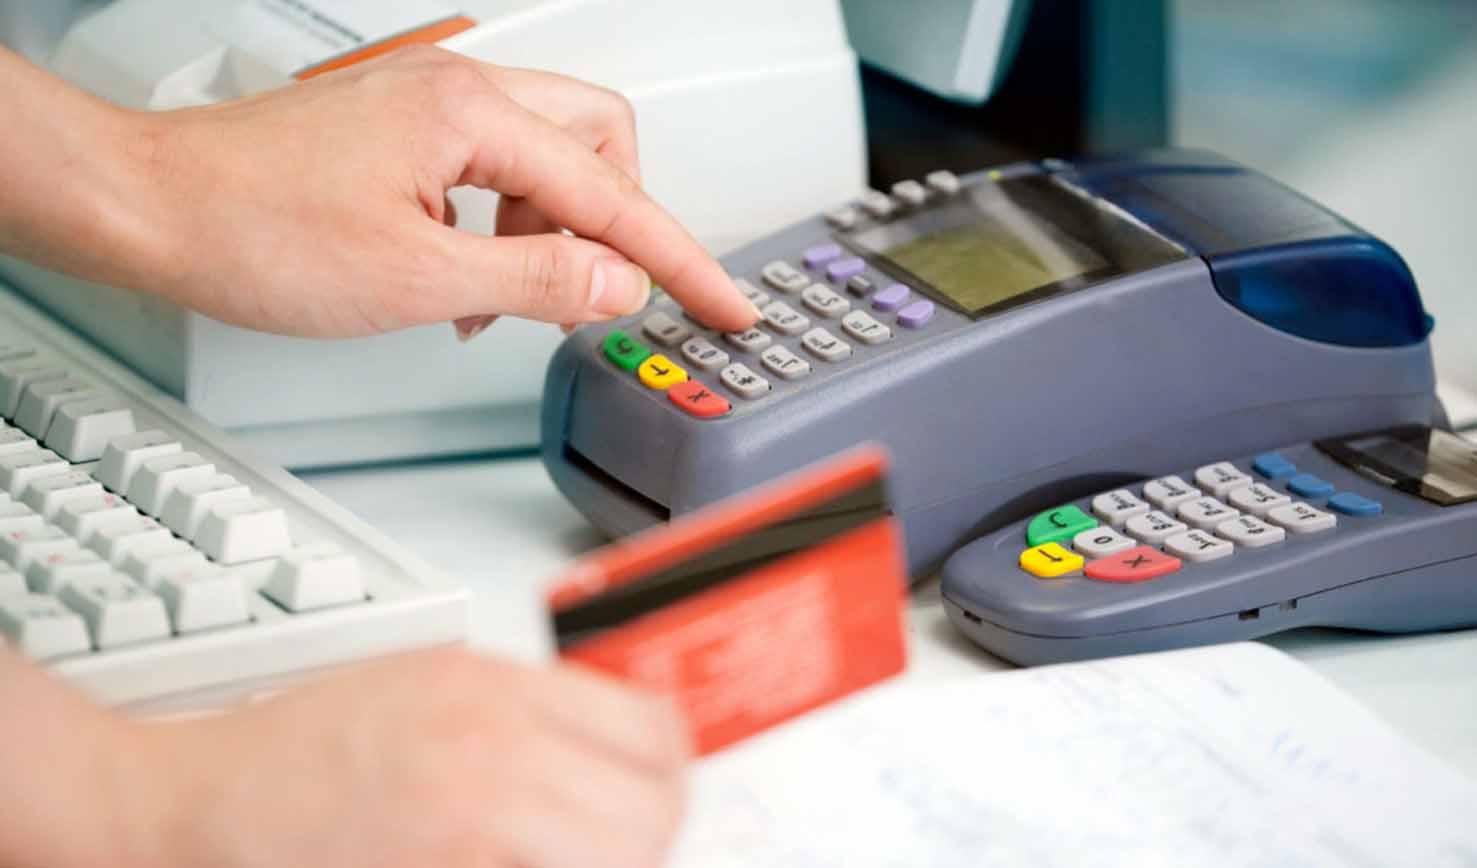 ارسال پیامک به صاحبان کارتخوان برای تشکیل پرونده مالیاتی